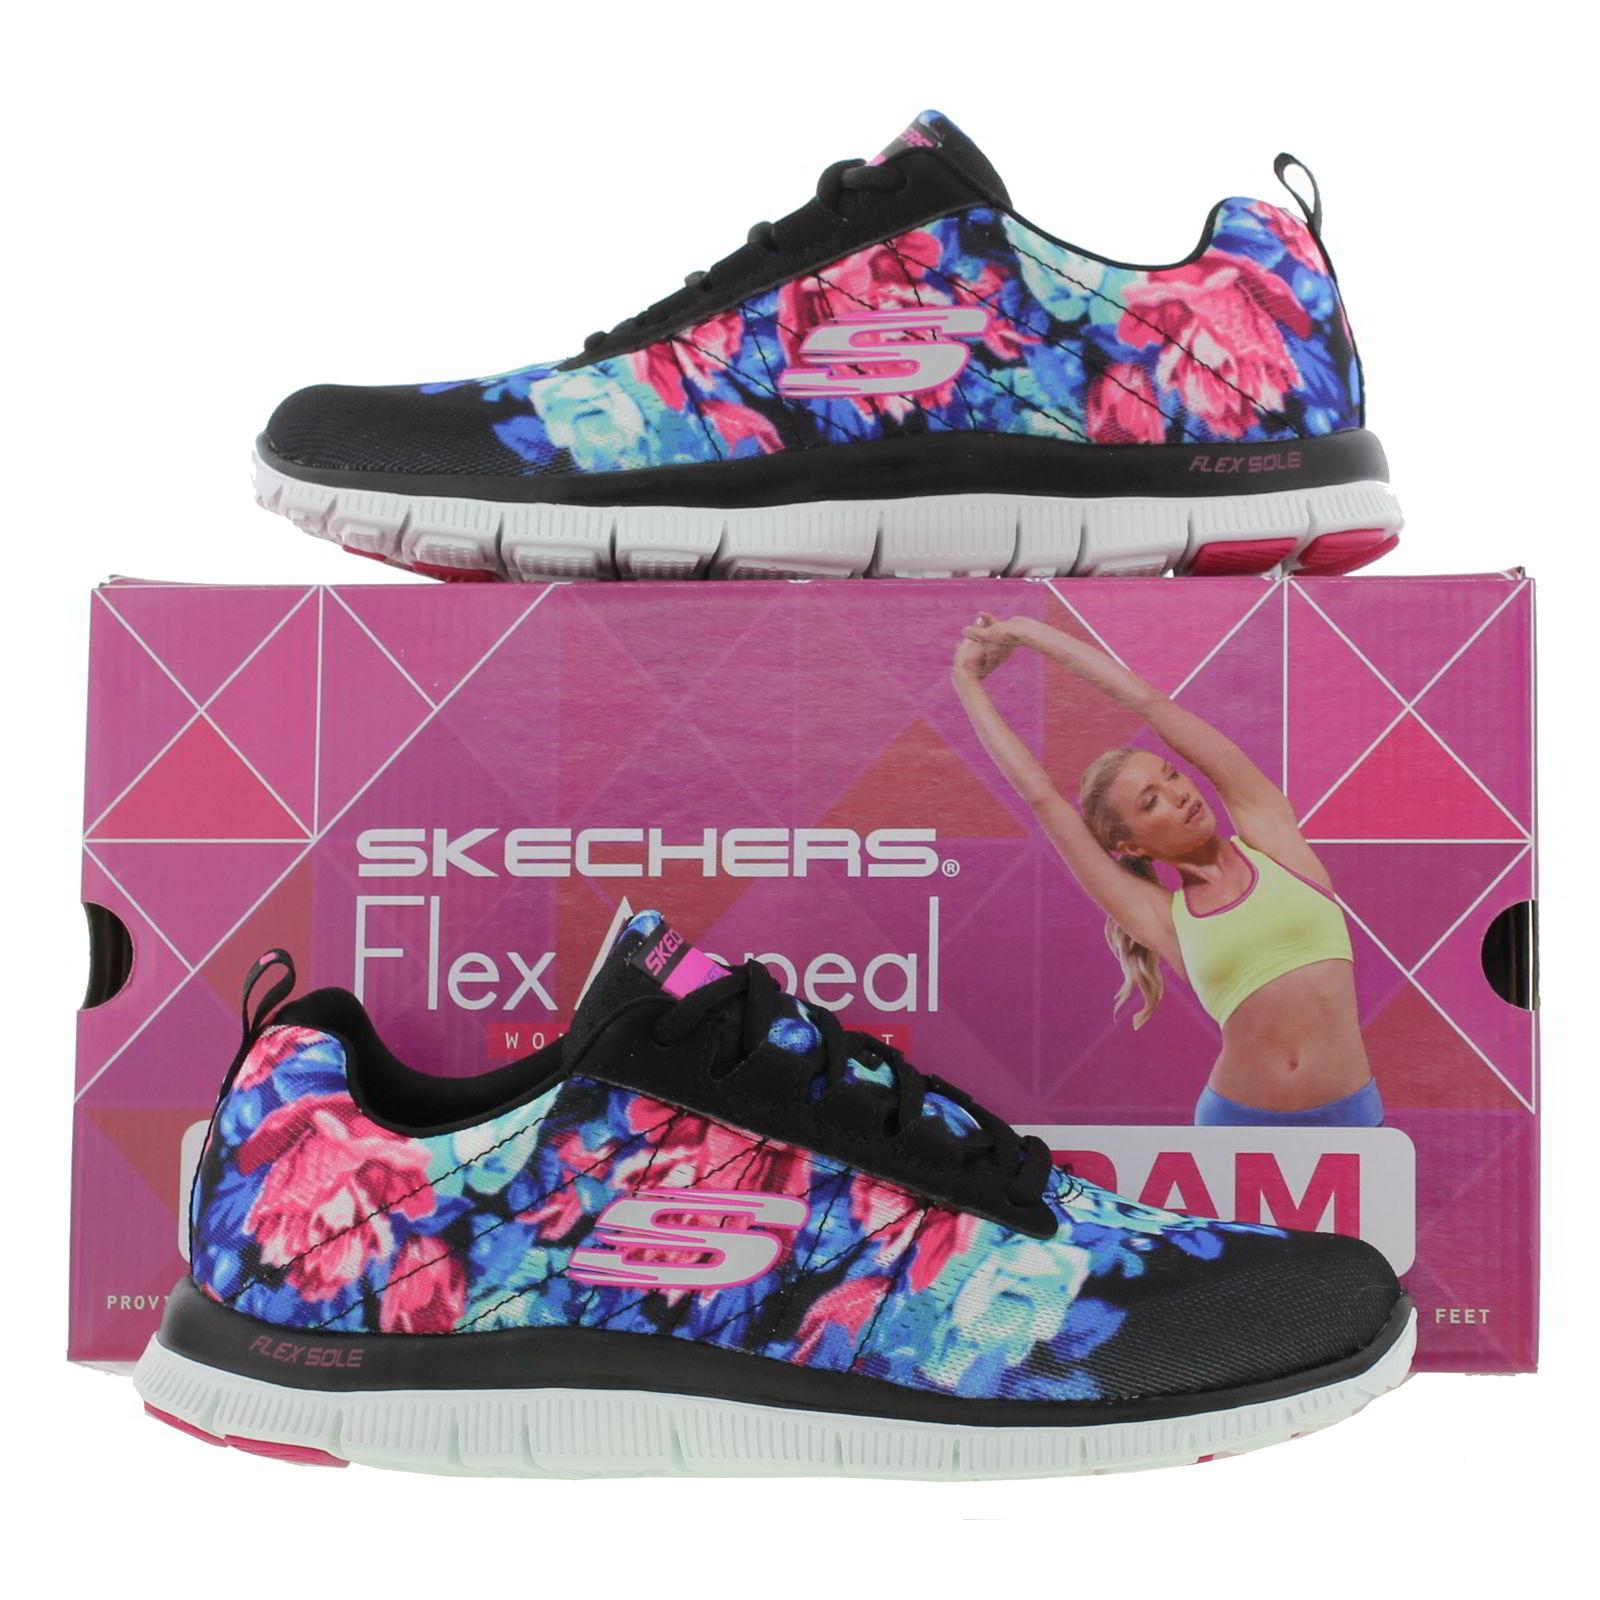 buy skechers flex appeal